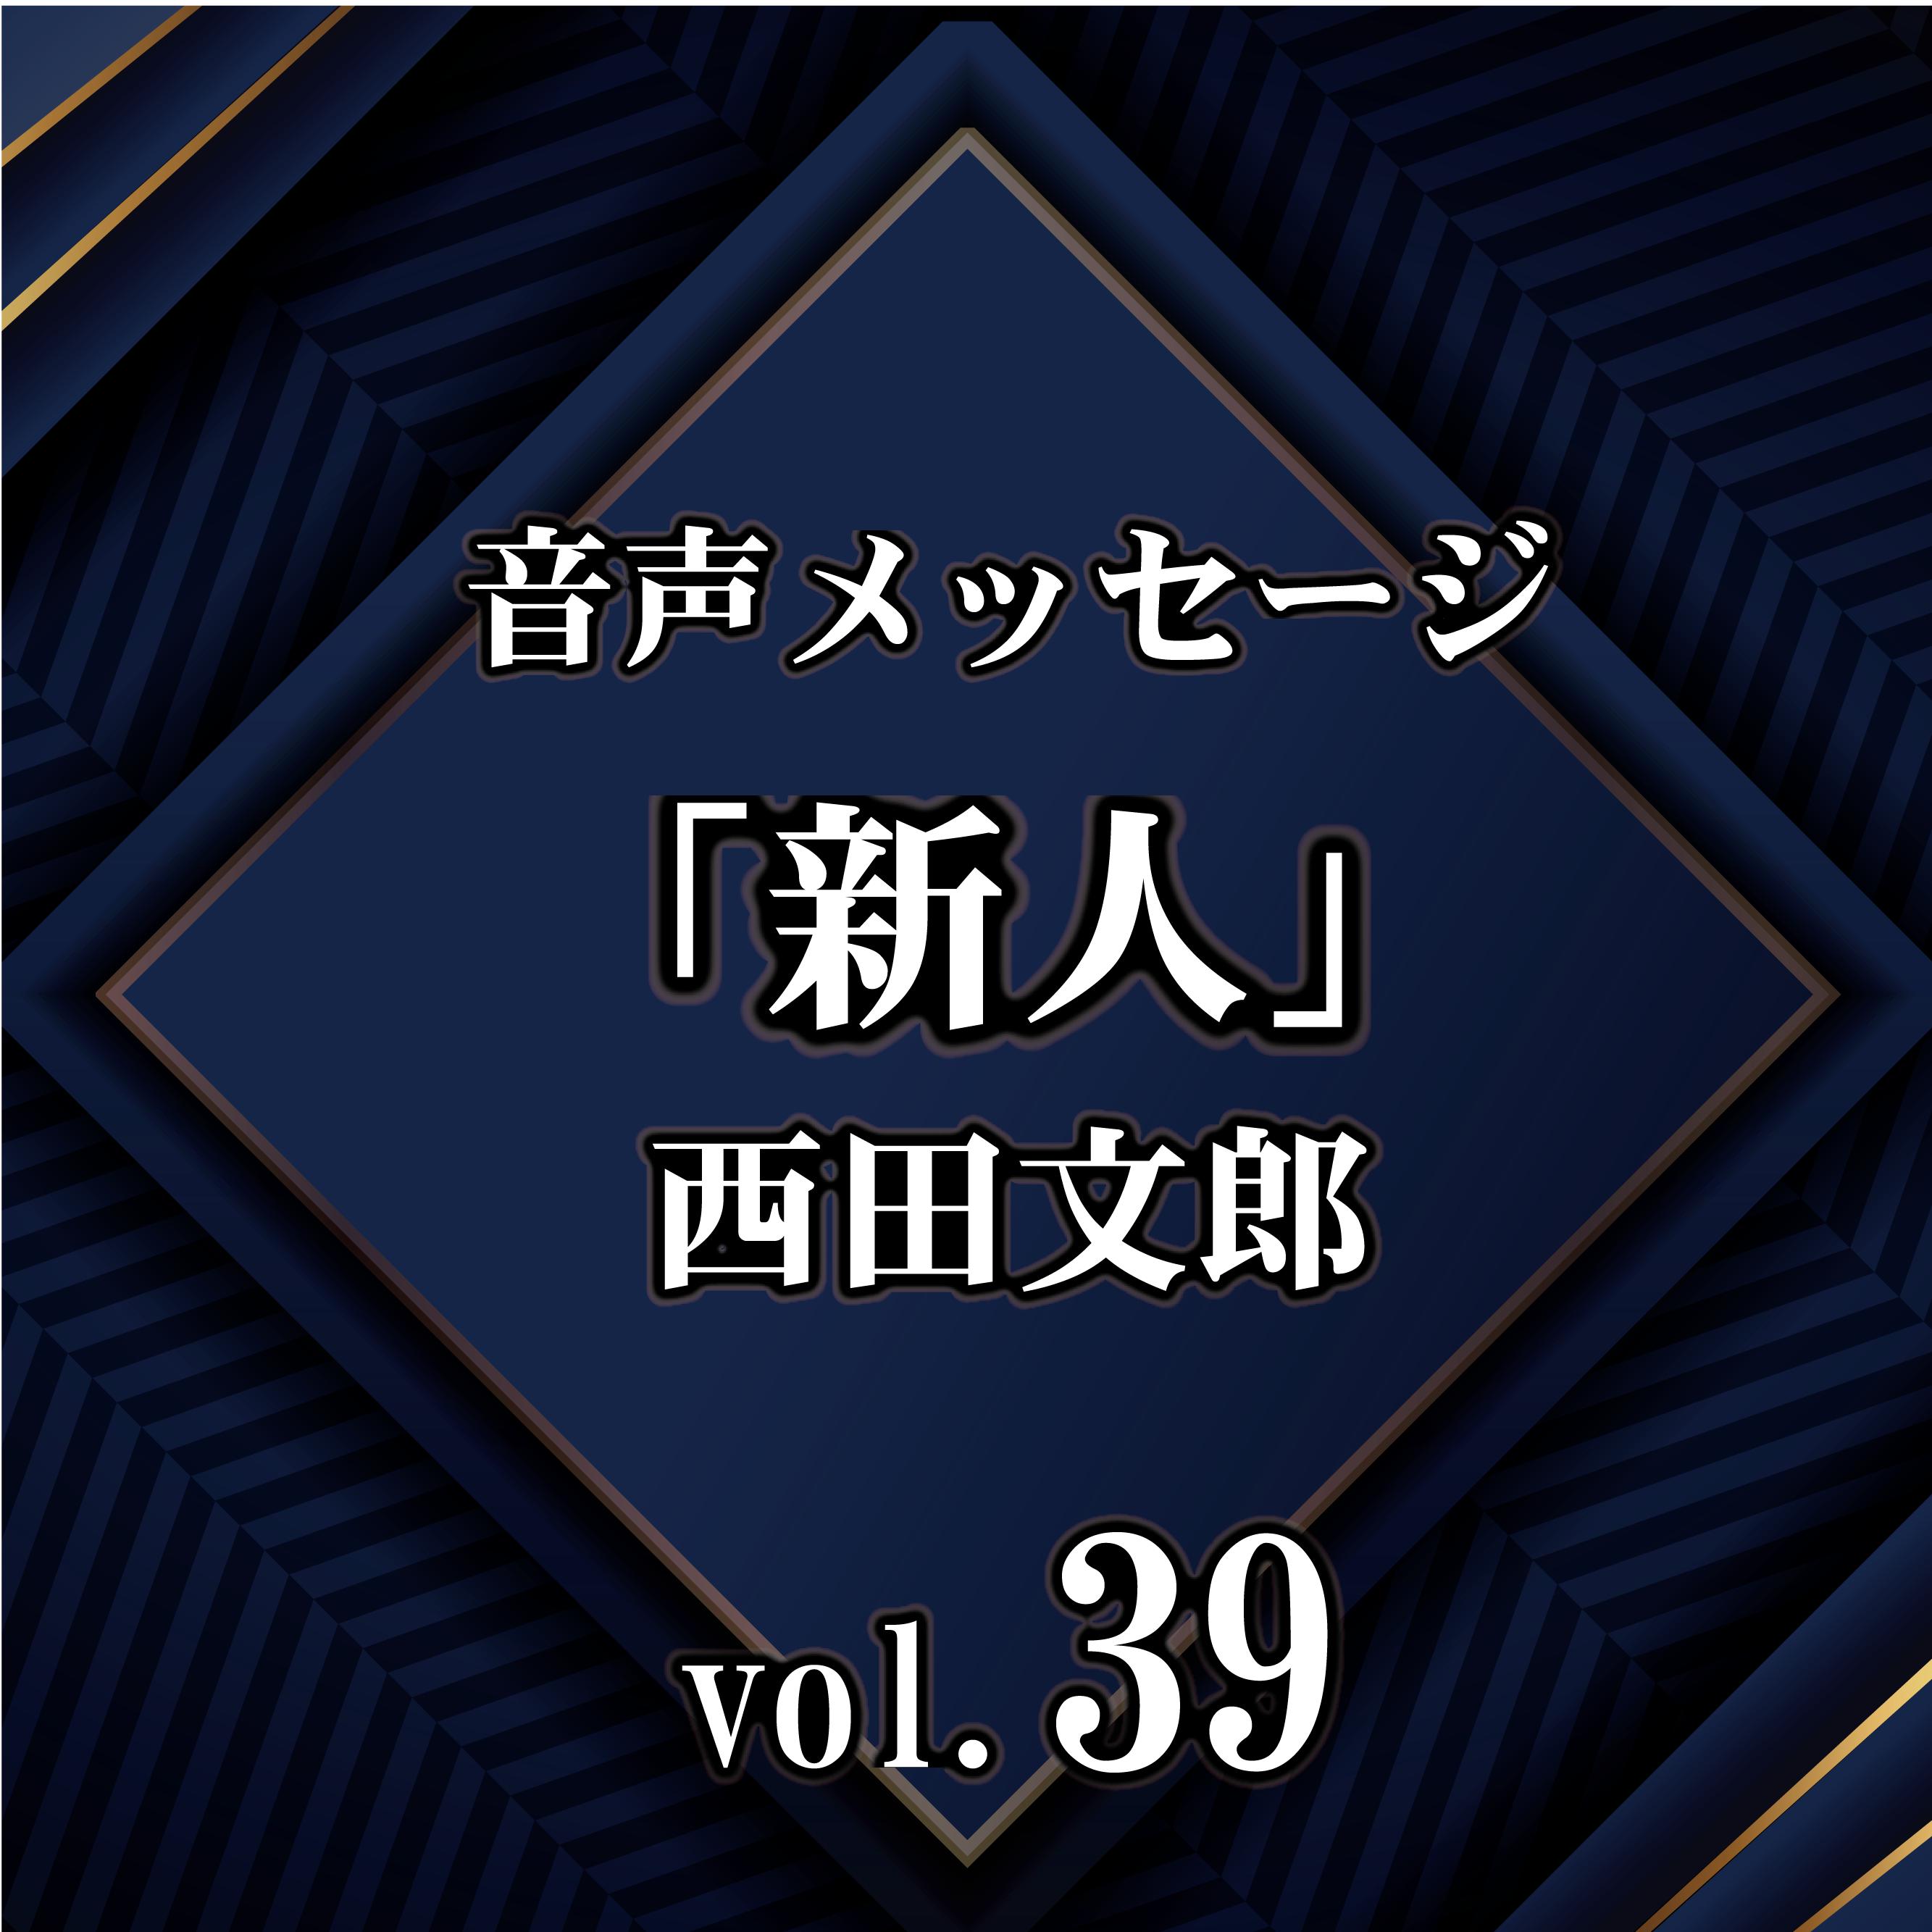 西田文郎 音声メッセージvol.39『新人』